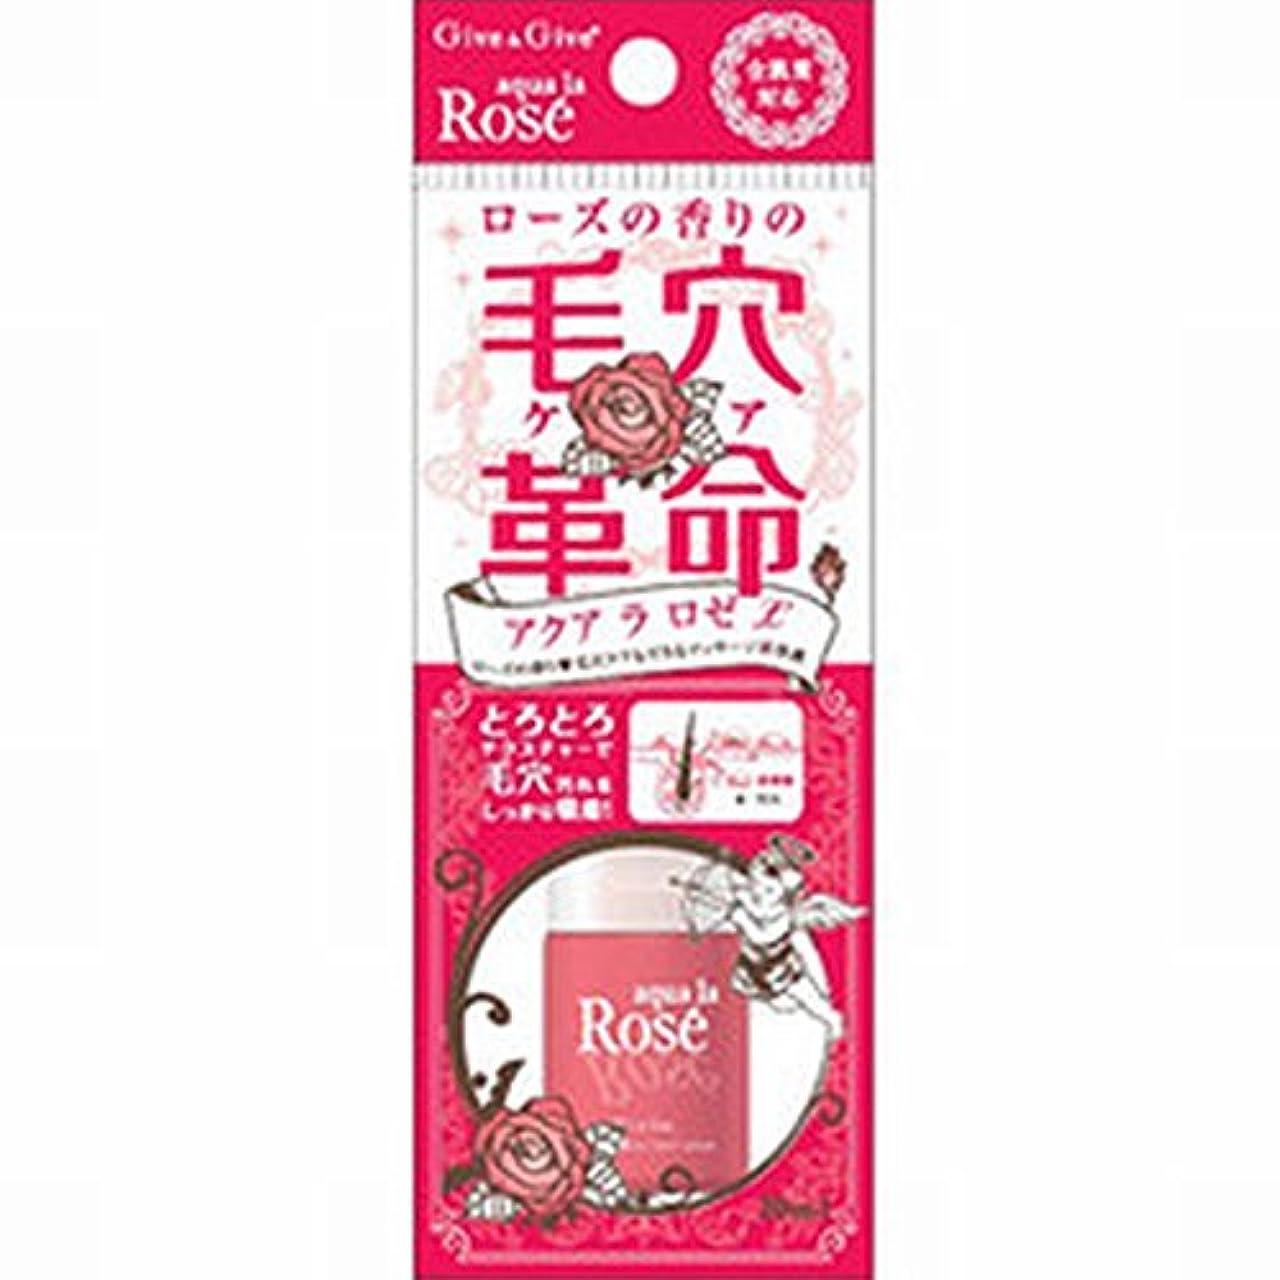 側チェリー区別する毛穴革命 アクア ラ ロゼ L (お試しサイズ) ローズの香り 10ml